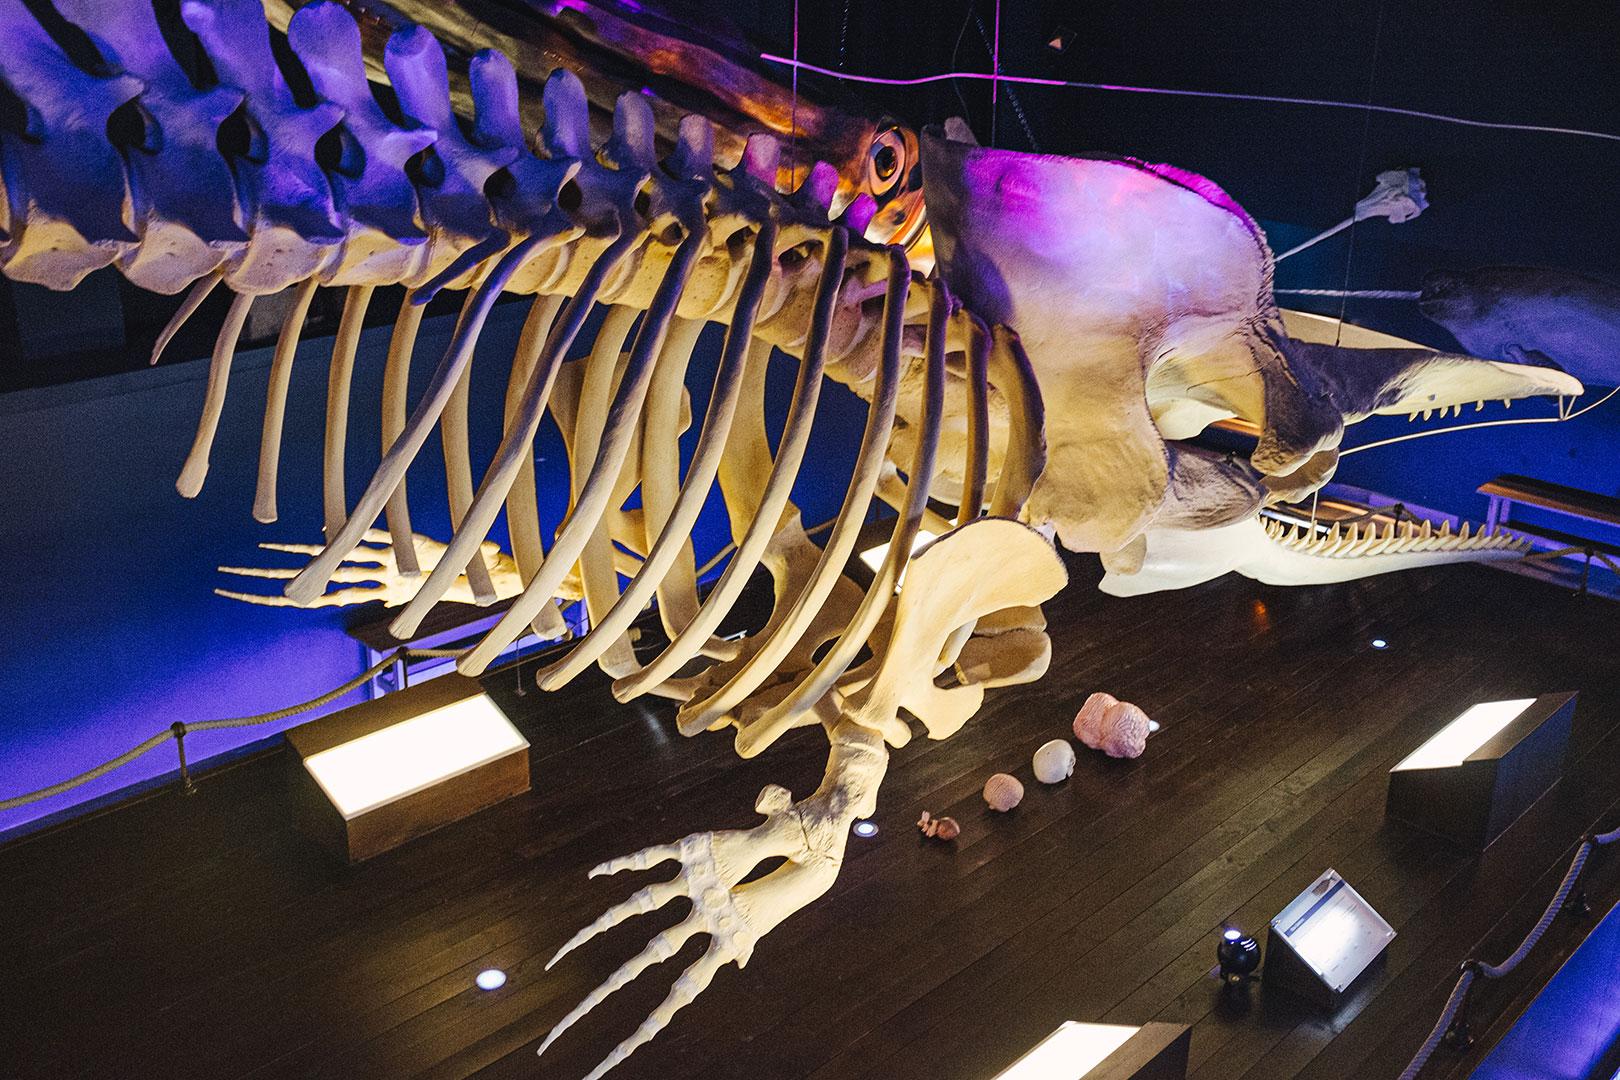 Pottwal-Skelett im Waloseum in Norddeich